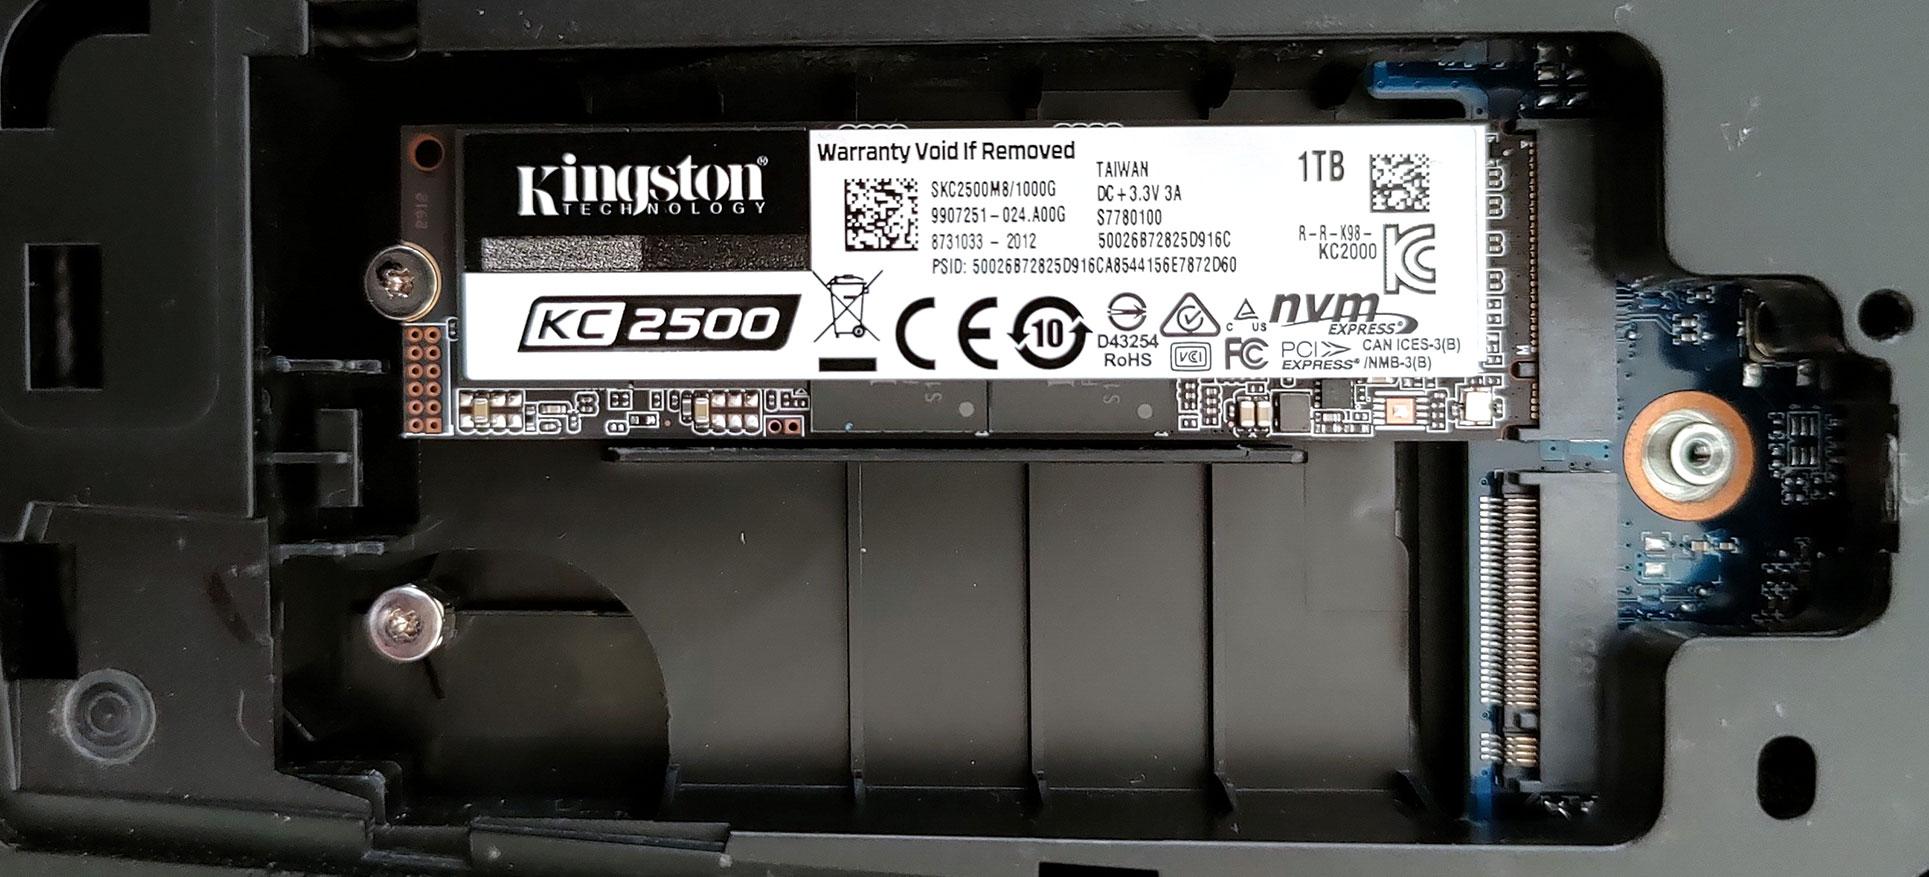 Installatie van de SSD